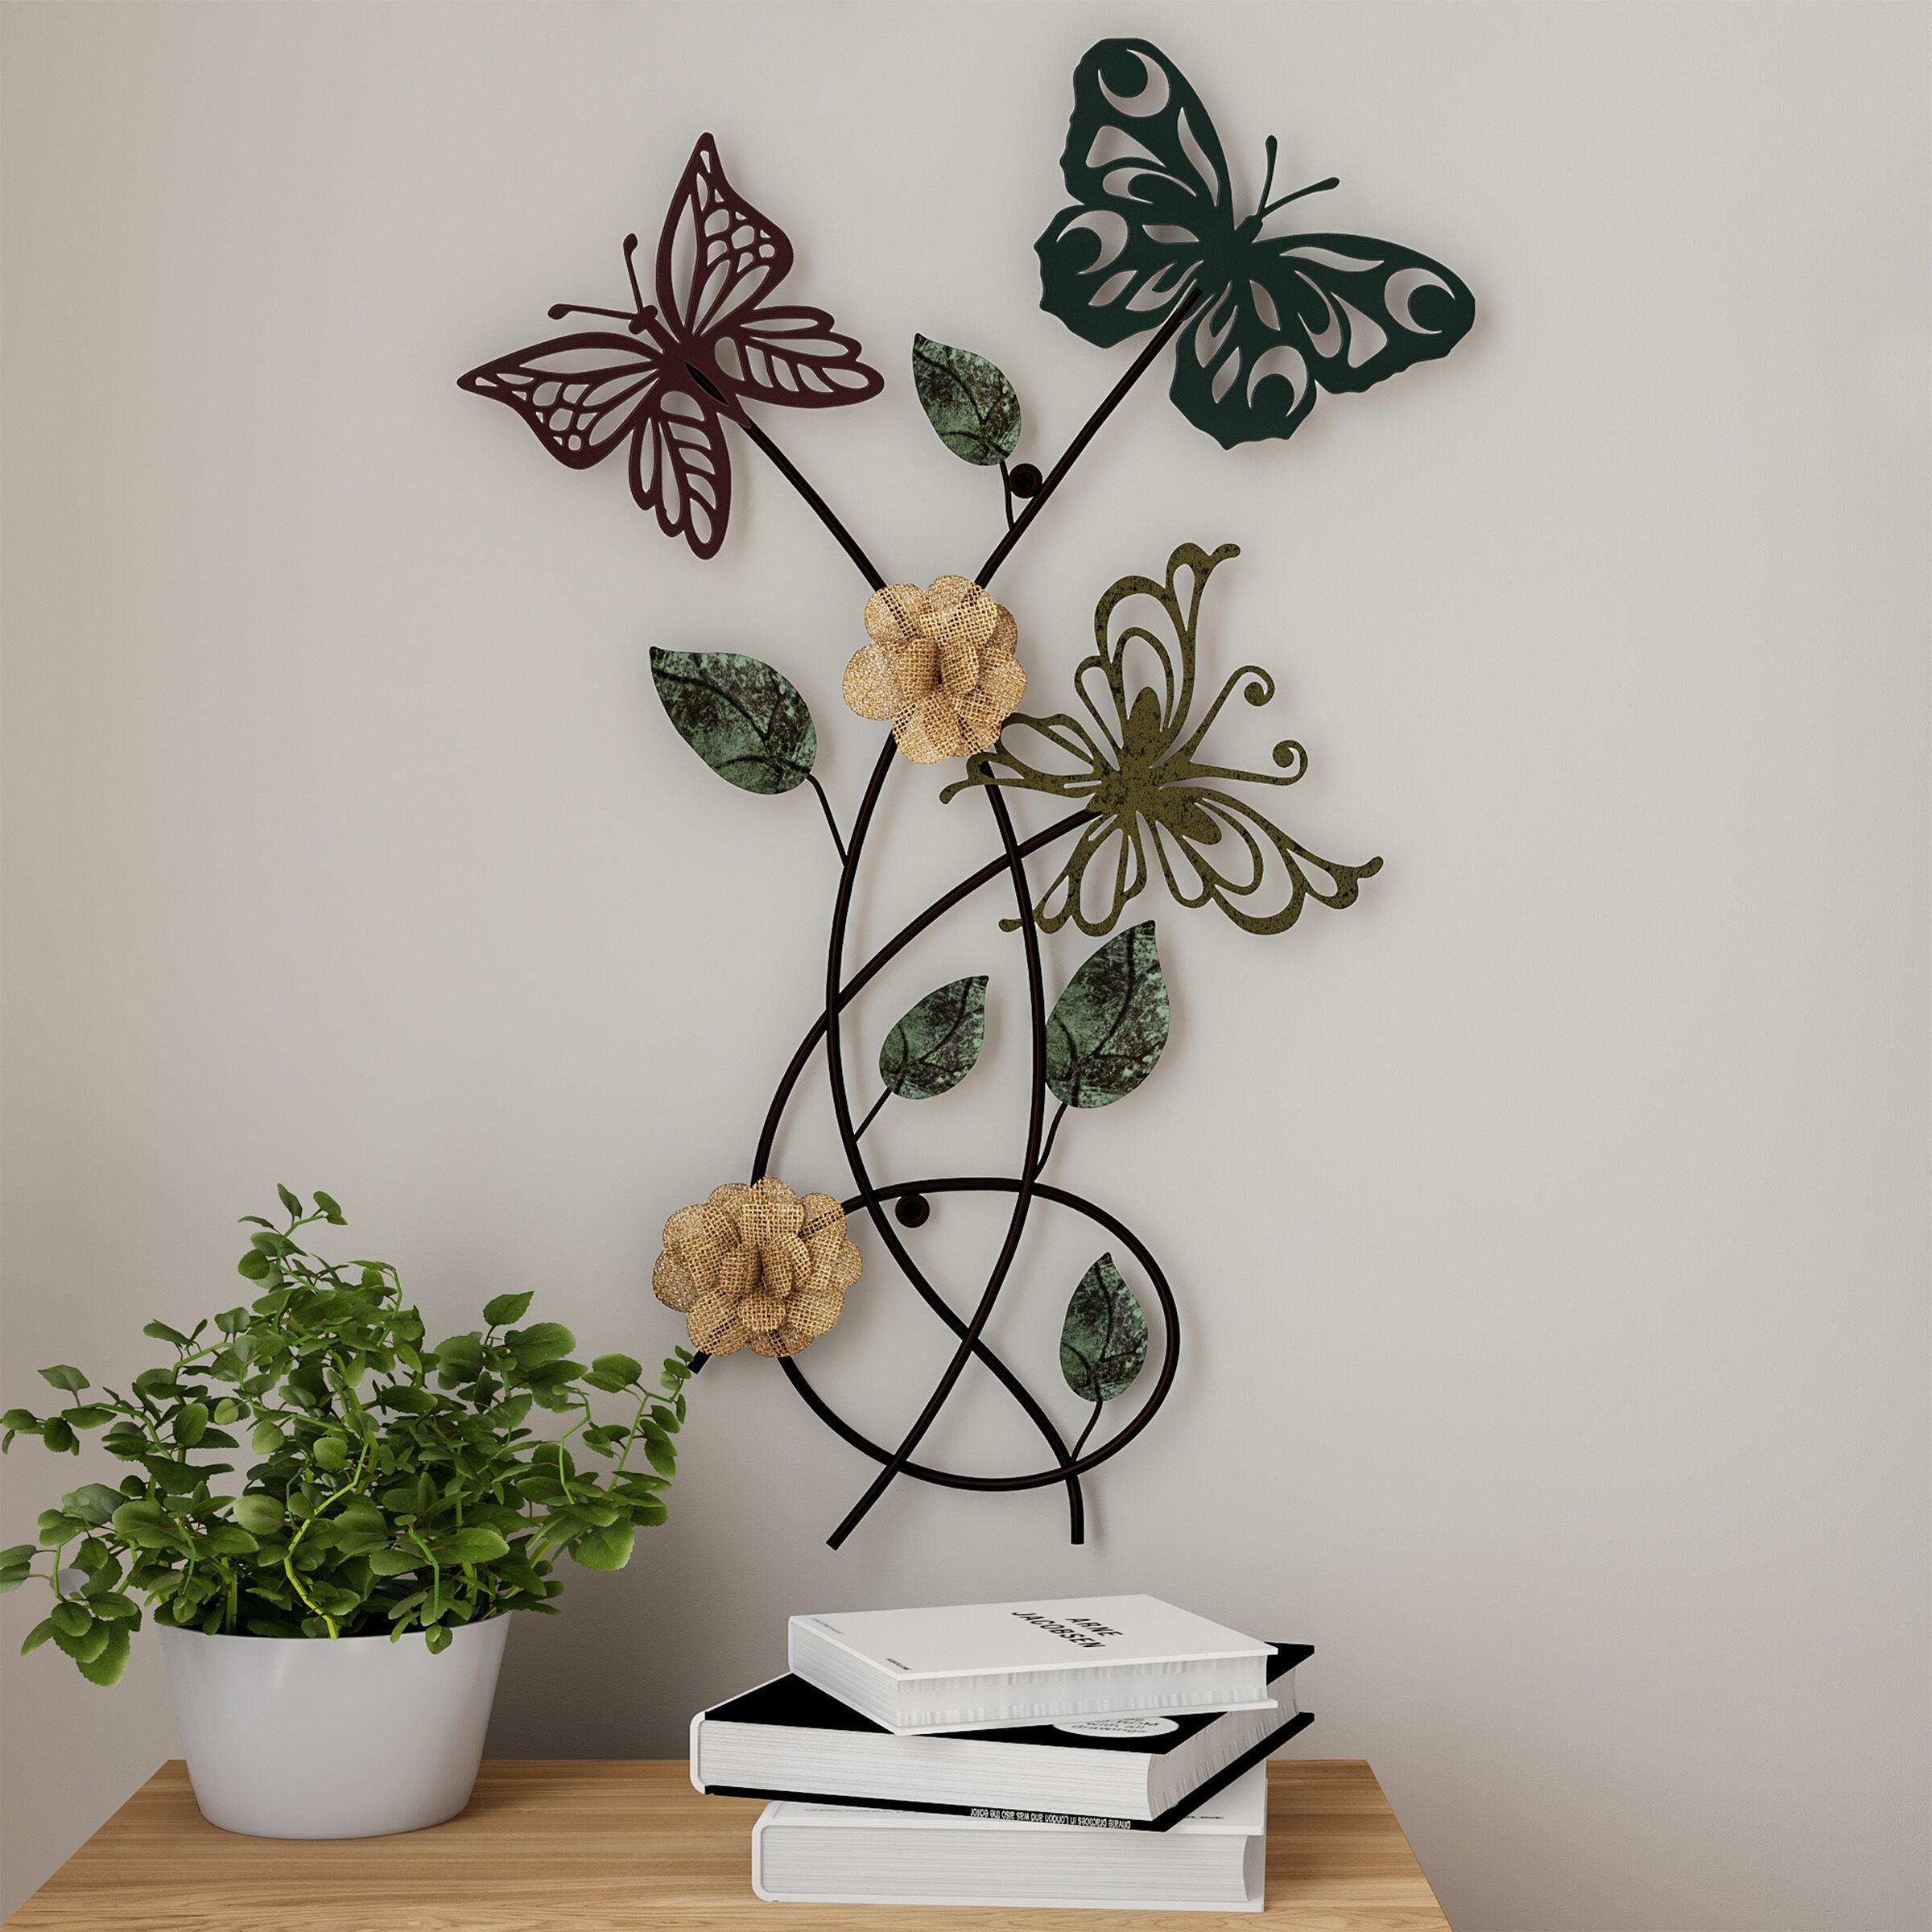 Lavish Home Garden Butterfly Metal Wall Art- Hand Painted Decorative 3D Butterflies/Flowers